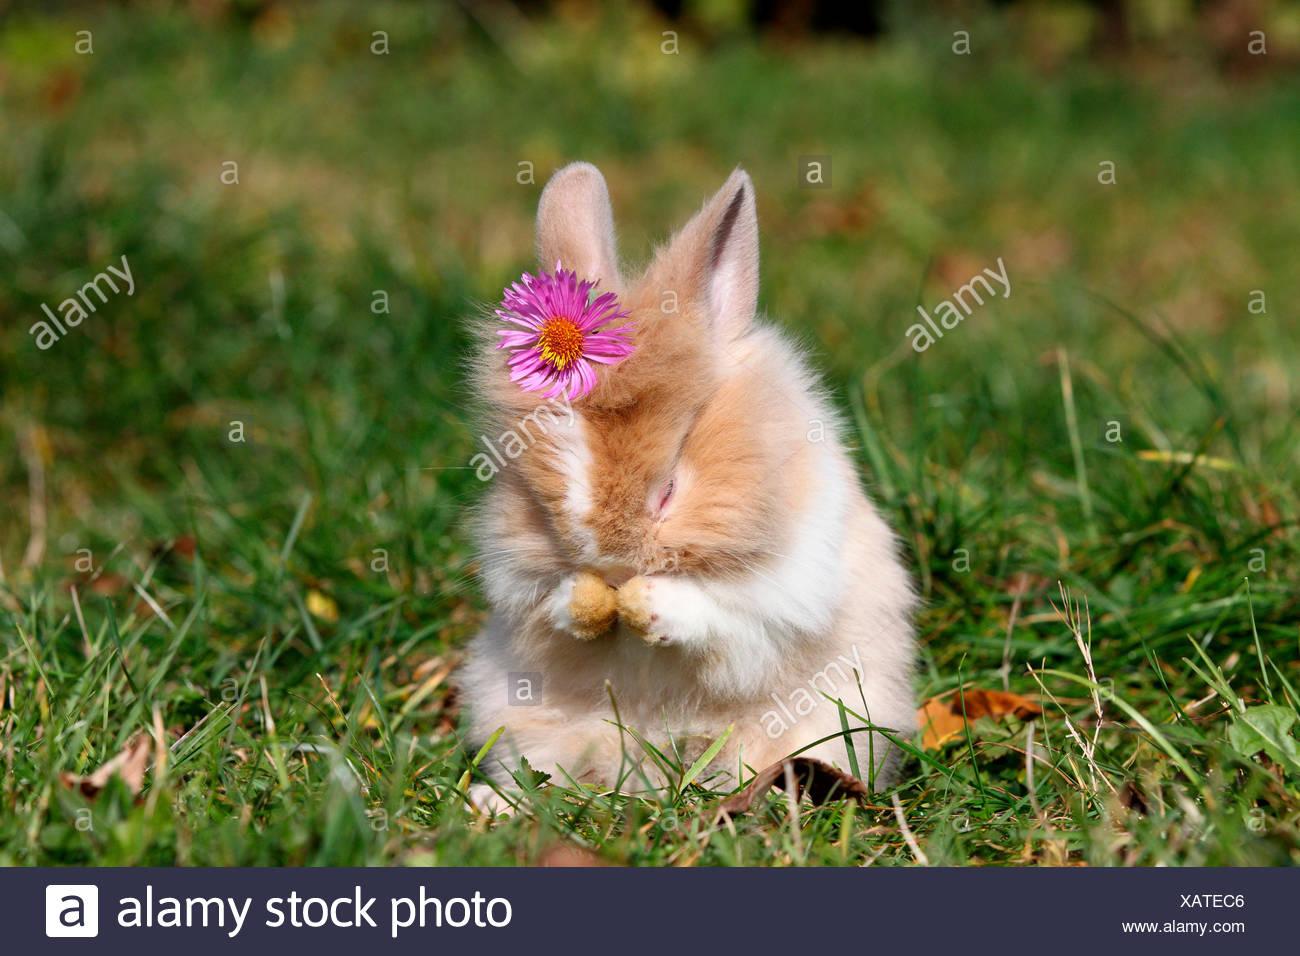 Lapin nain à tête de lion. Les jeunes assis sur un pré, toilettage tout en portant une fleur rose sur sa tête. Allemagne Banque D'Images